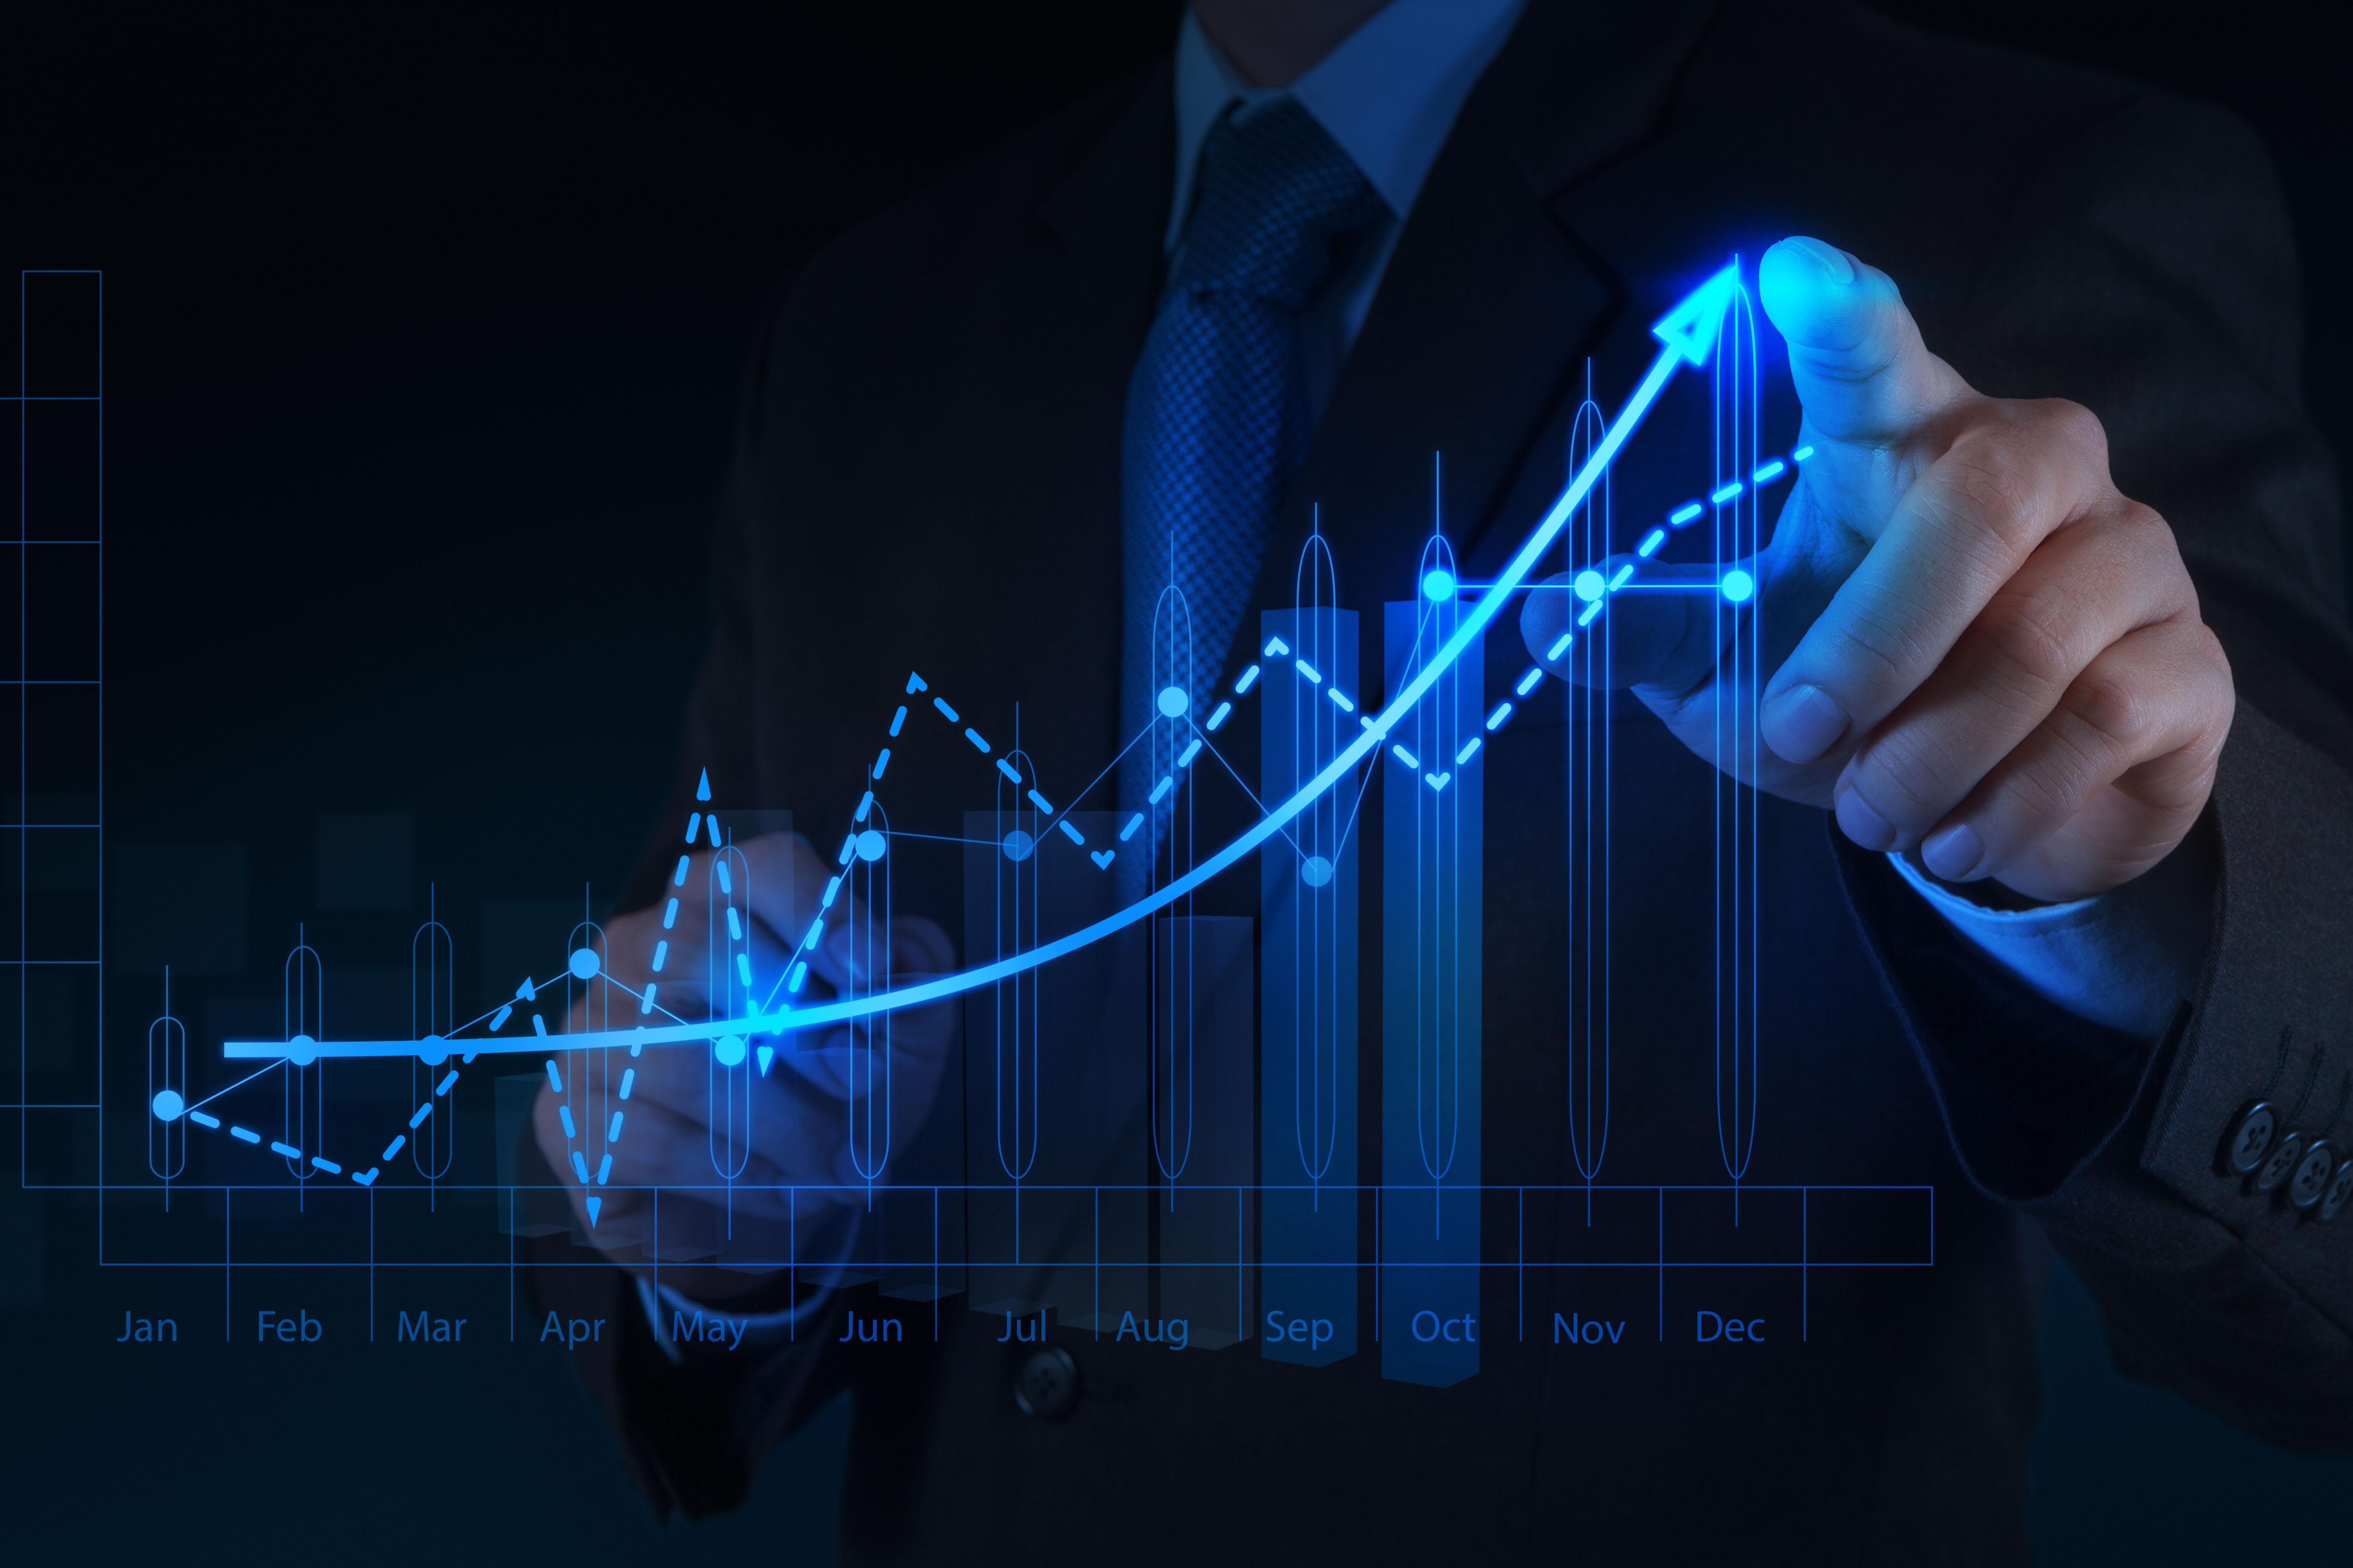 Банкиры отметили стабильный рост ВВП в Украине